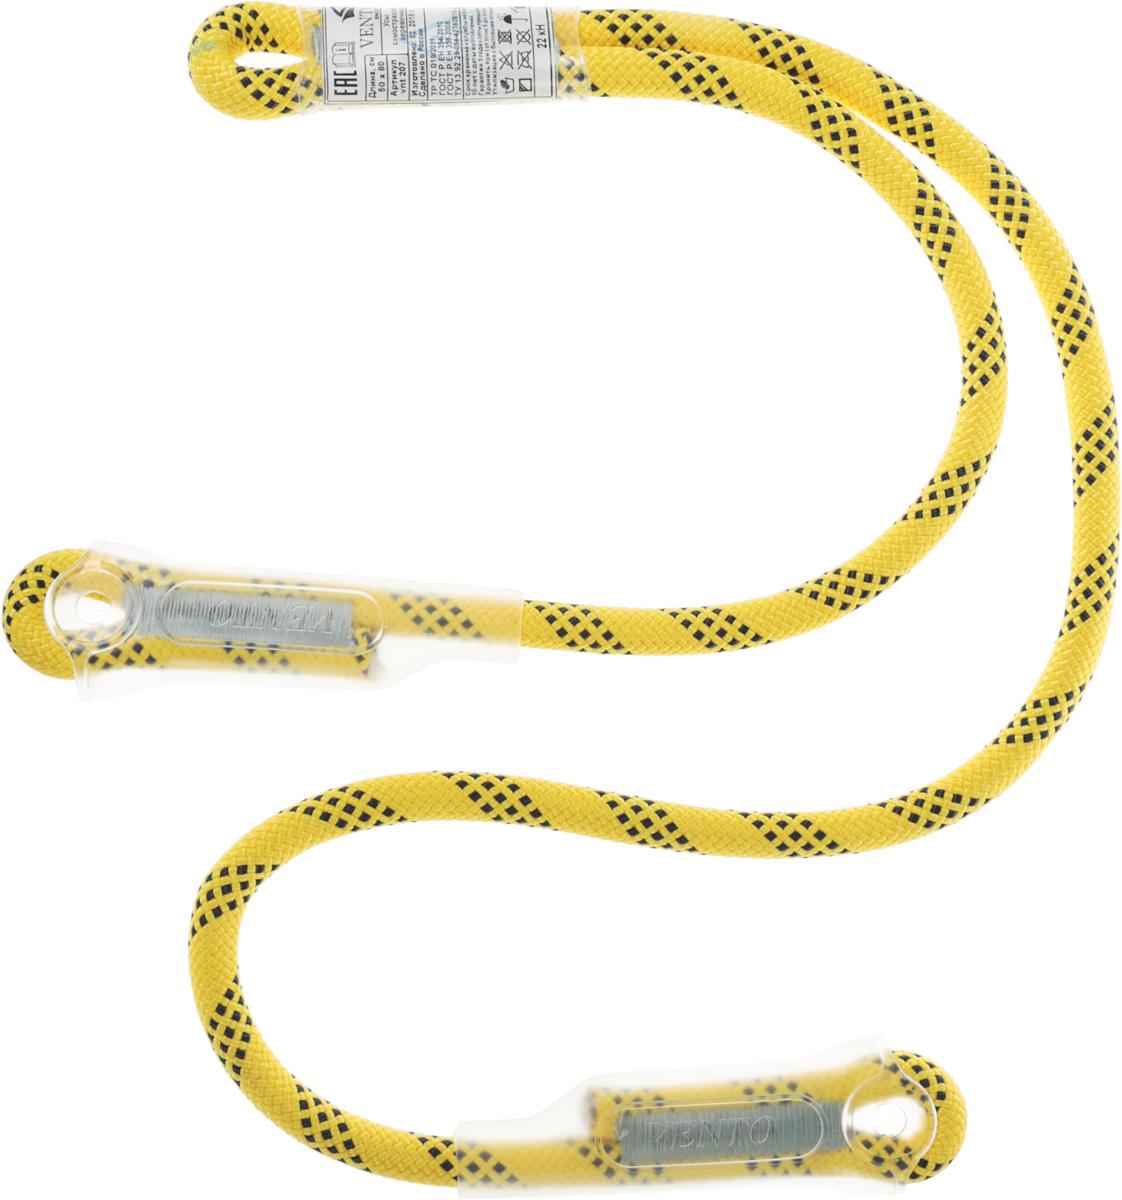 Усы самостраховки веревочные VENTO выполнены из полиамидной веревки диаметром 10–11 мм. Имеют 2 плеча независимой длины. Размеры петель позволяют зафиксировать положение карабина. Усы VENTO крепятся к беседке с помощью карабина.Соответствие: ТР ТС 019/2011, ГОСТ Р ЕН 354-2010, ГОСТ Р ЕН 358-2008Сертификат ЕАС: KZ.7500361.22.01.03052Характеристики:Материал: ПолиамидДлина: 50 и 80 смМасса: 160 г